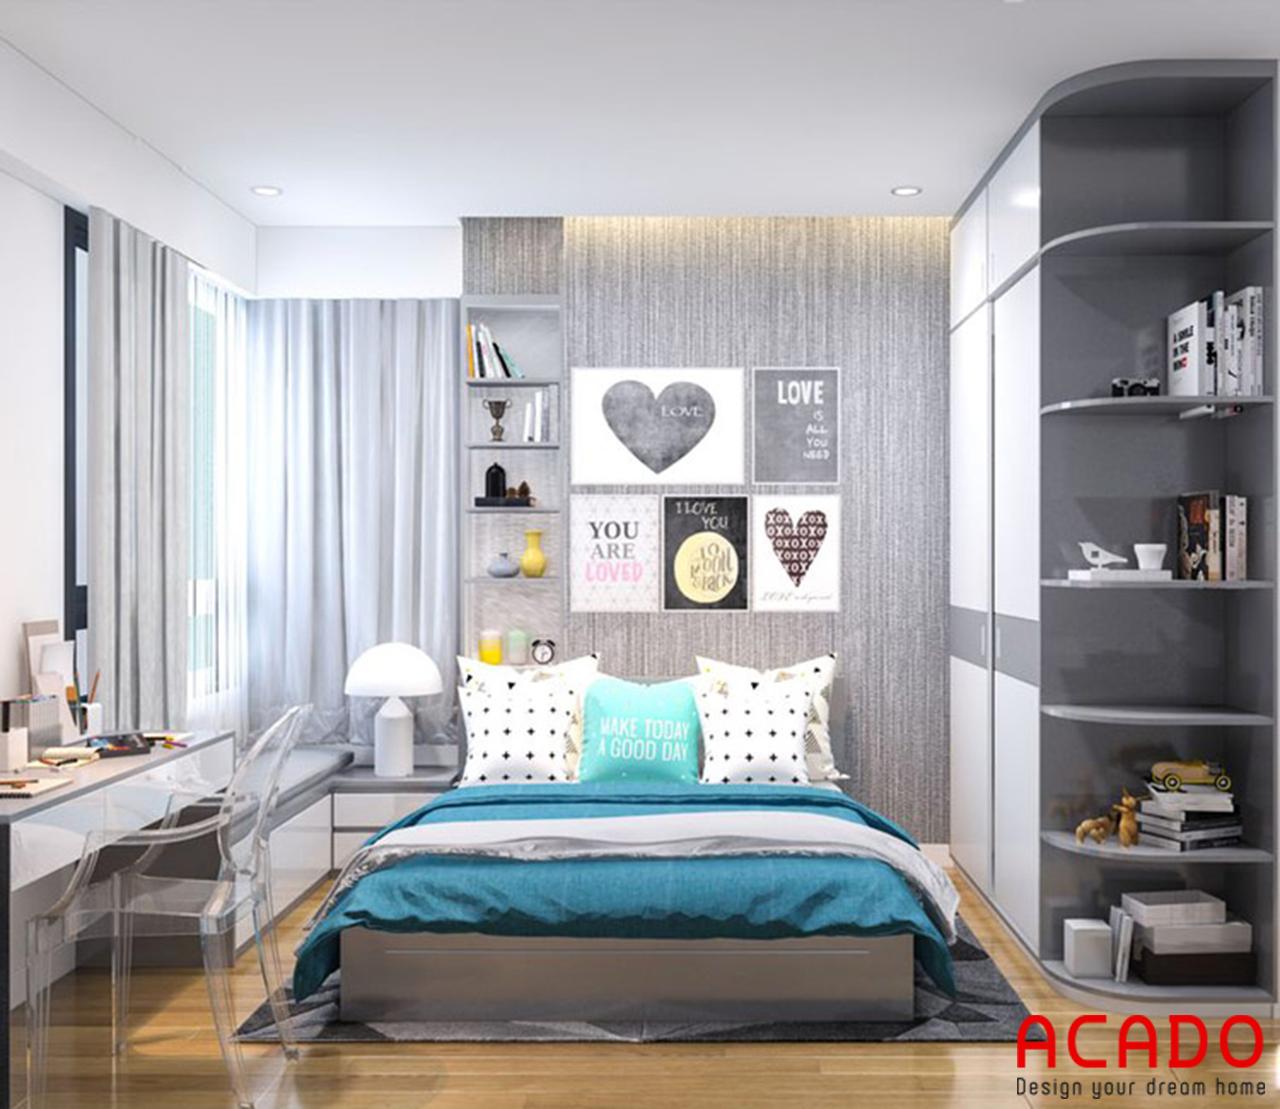 Không gian phòng ngủ sử dụng các gam màu trung tính tạo cảm giác thoải mái, dễ chịu